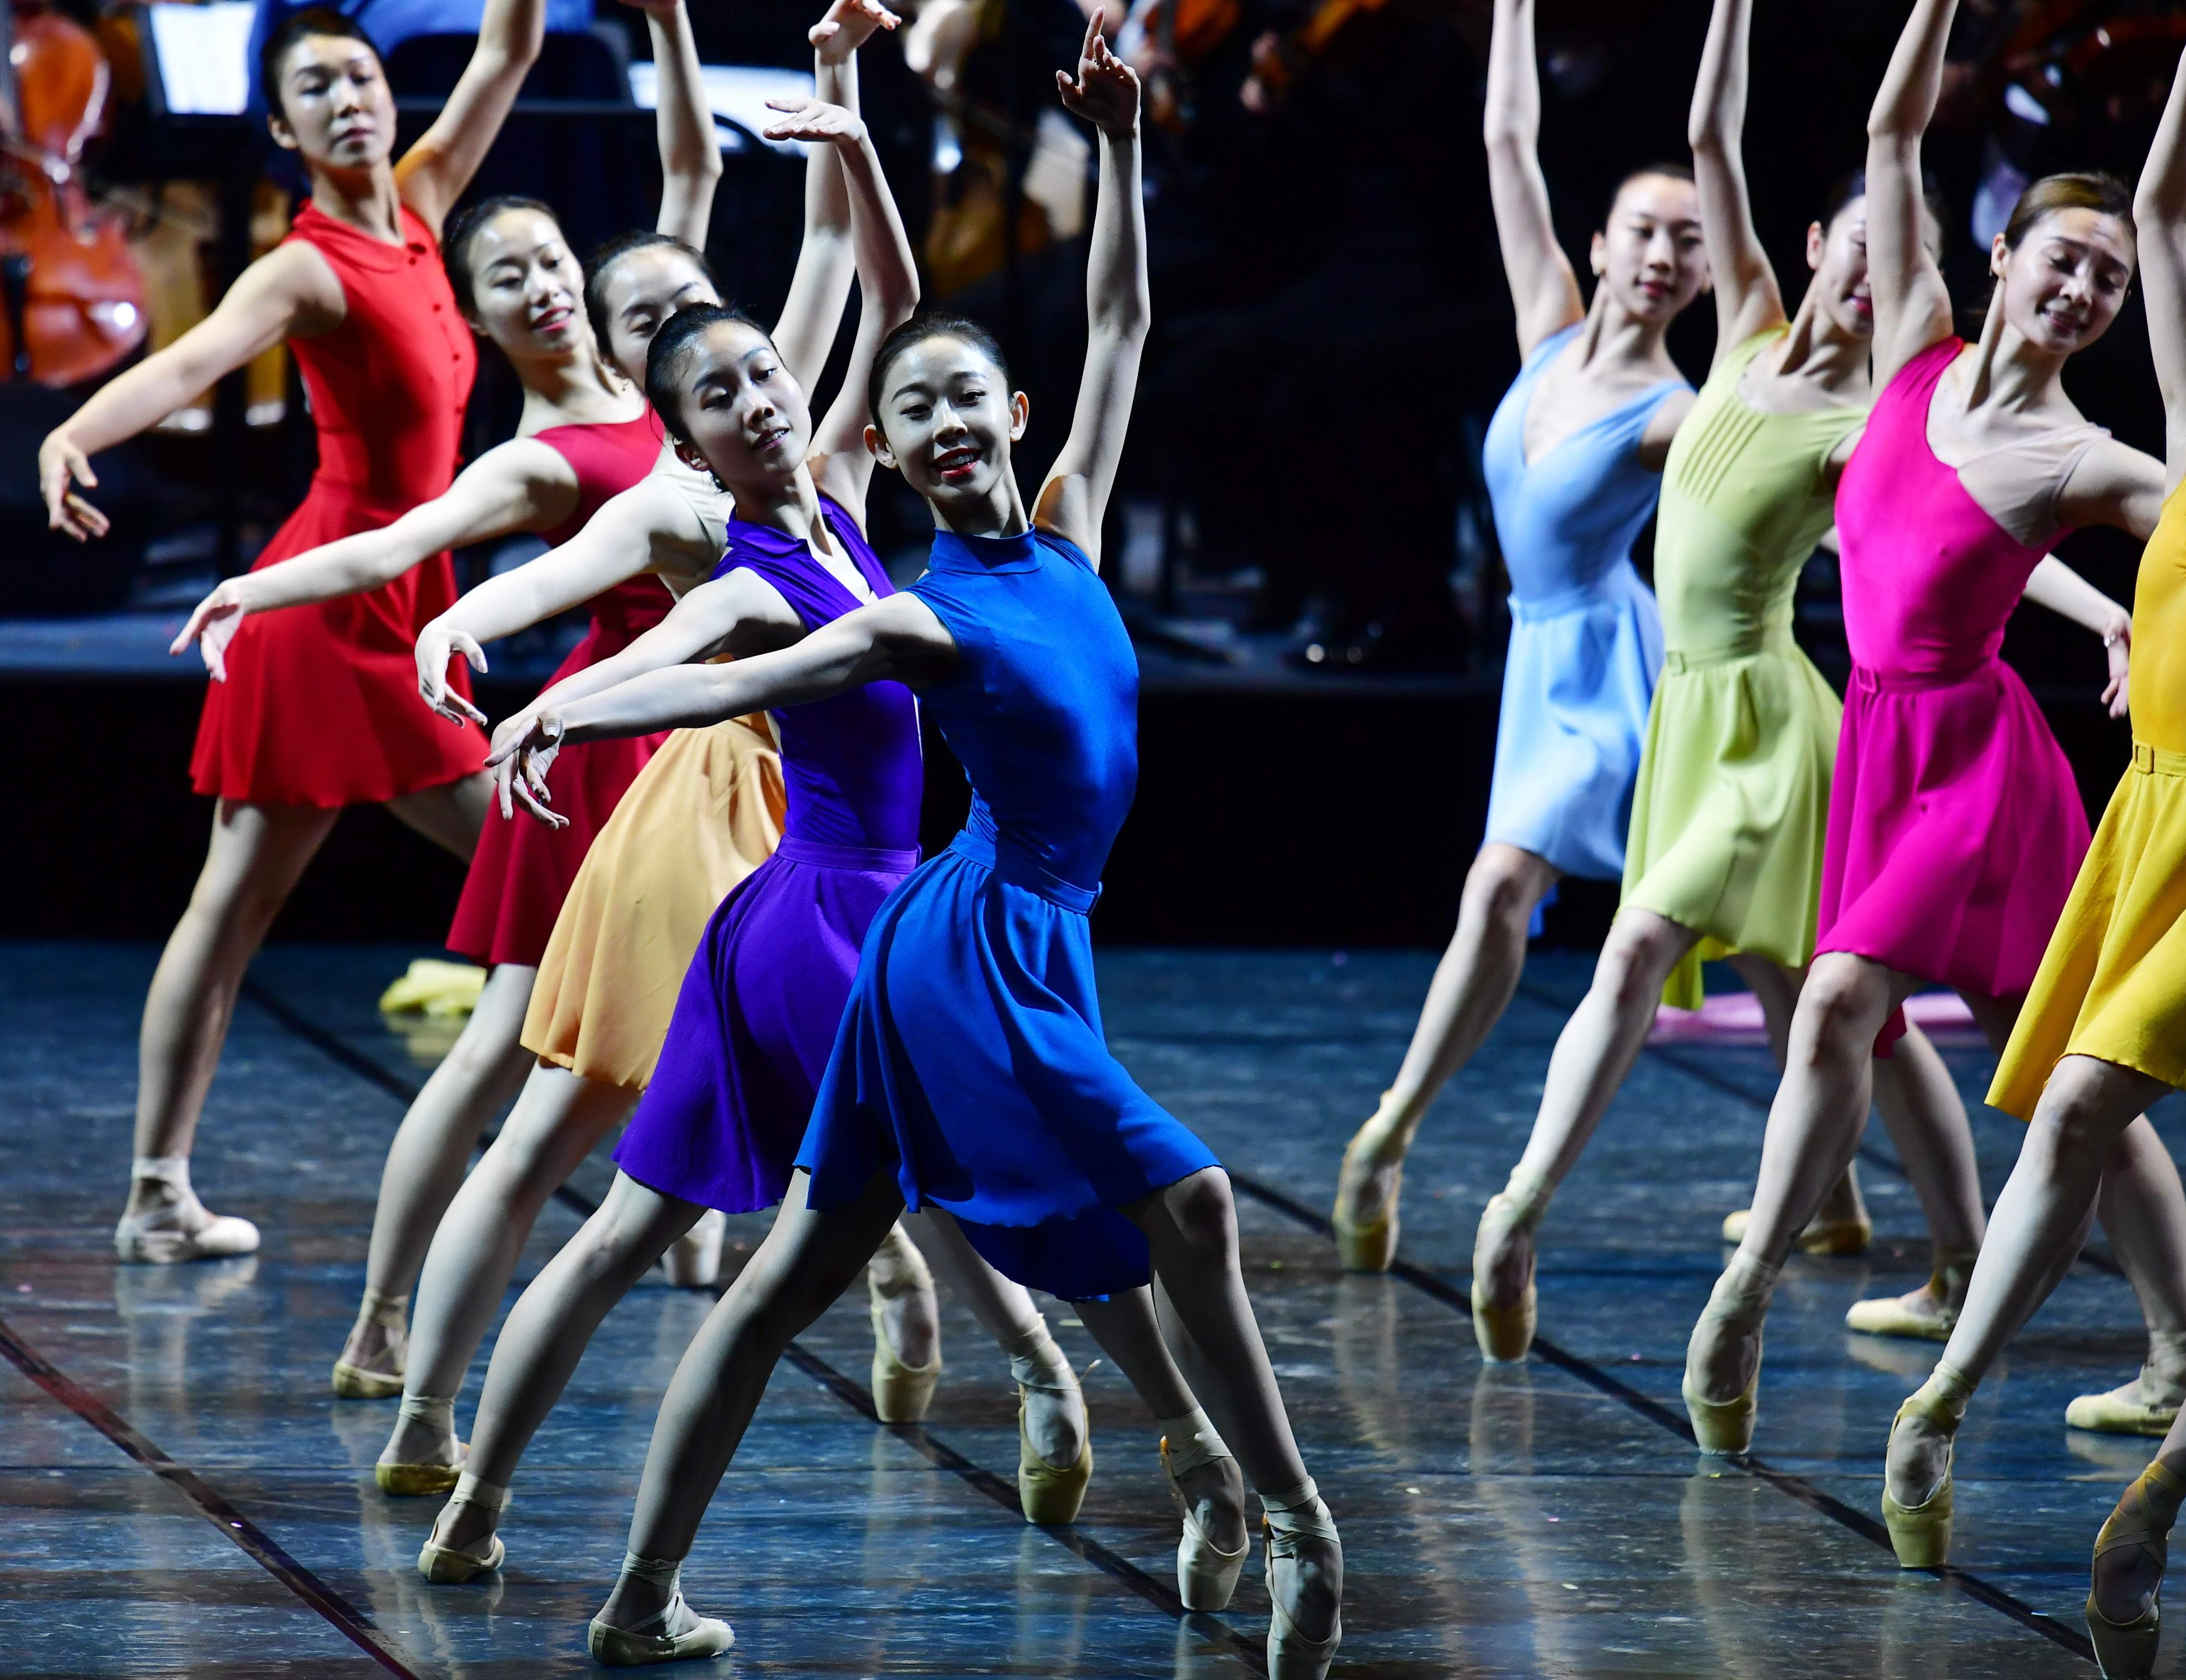 记者从哈尔滨芭蕾舞团了解到,4月28日、29日,由哈尔滨市委宣传部、哈尔滨市文化广电和旅游局、哈尔滨学院主办的《春•欢乐颂》交响芭蕾晚会将在哈尔滨大剧院隆重登场。